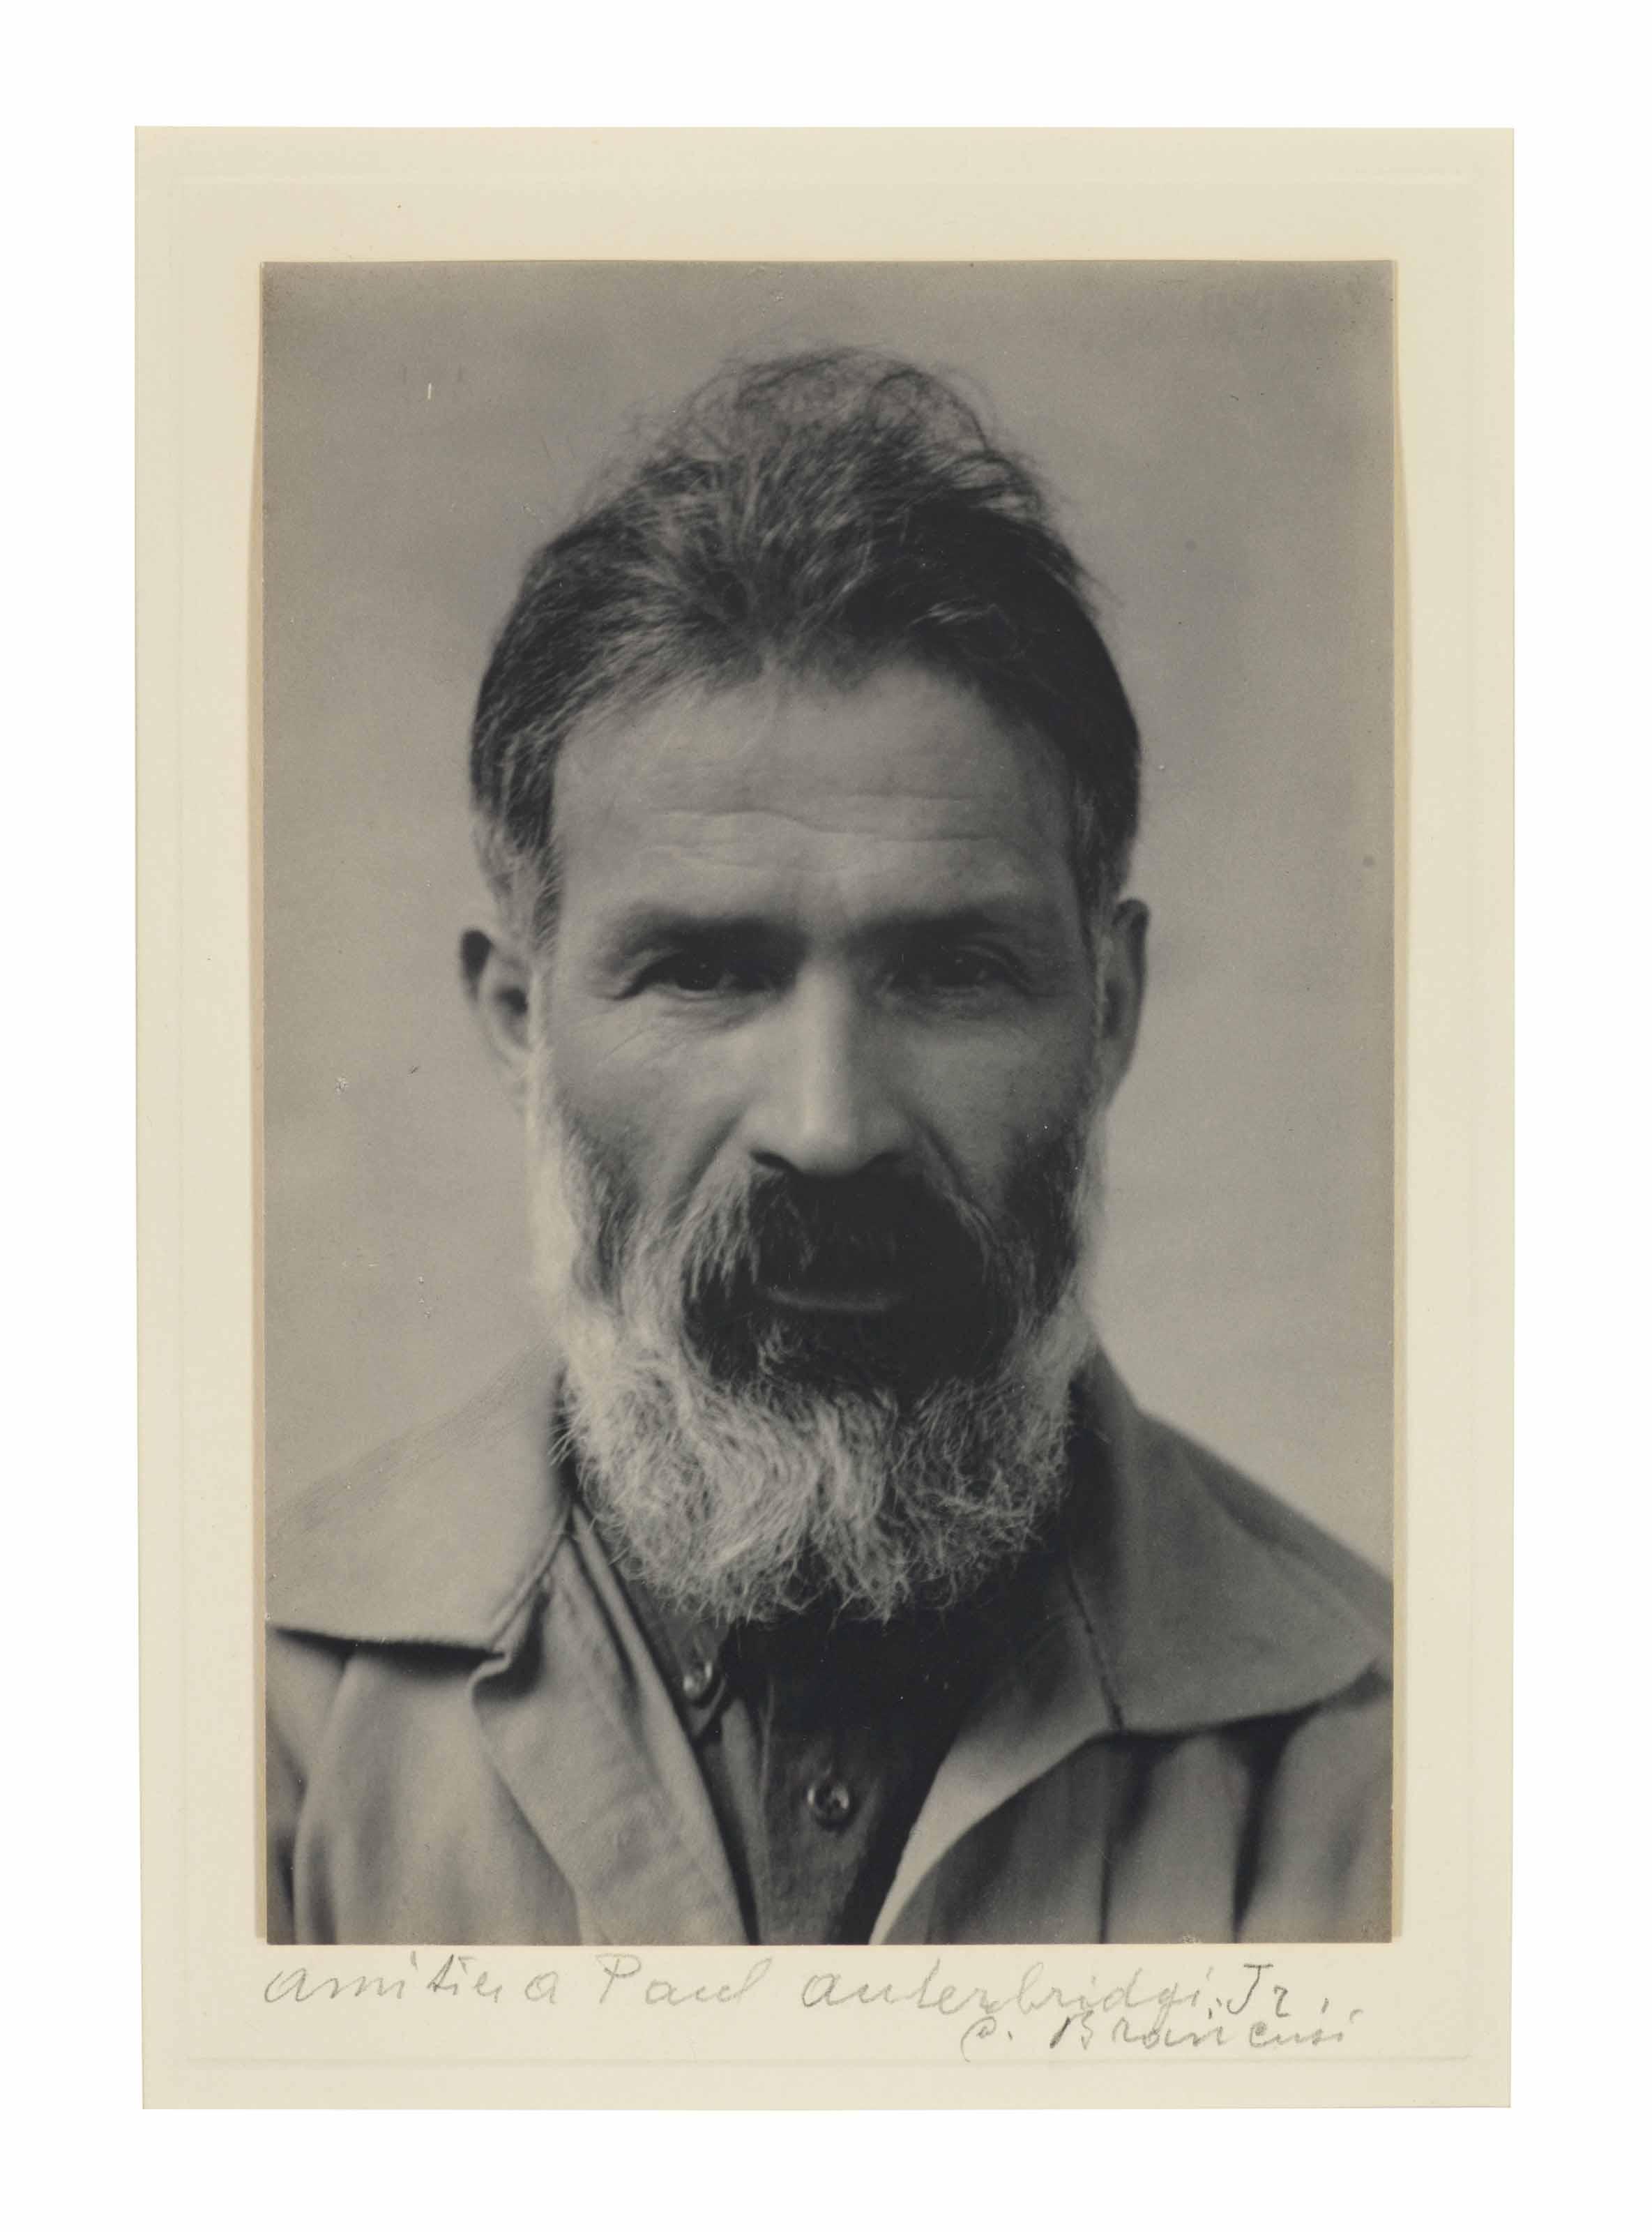 Constantin Brâncuşi, c. 1925